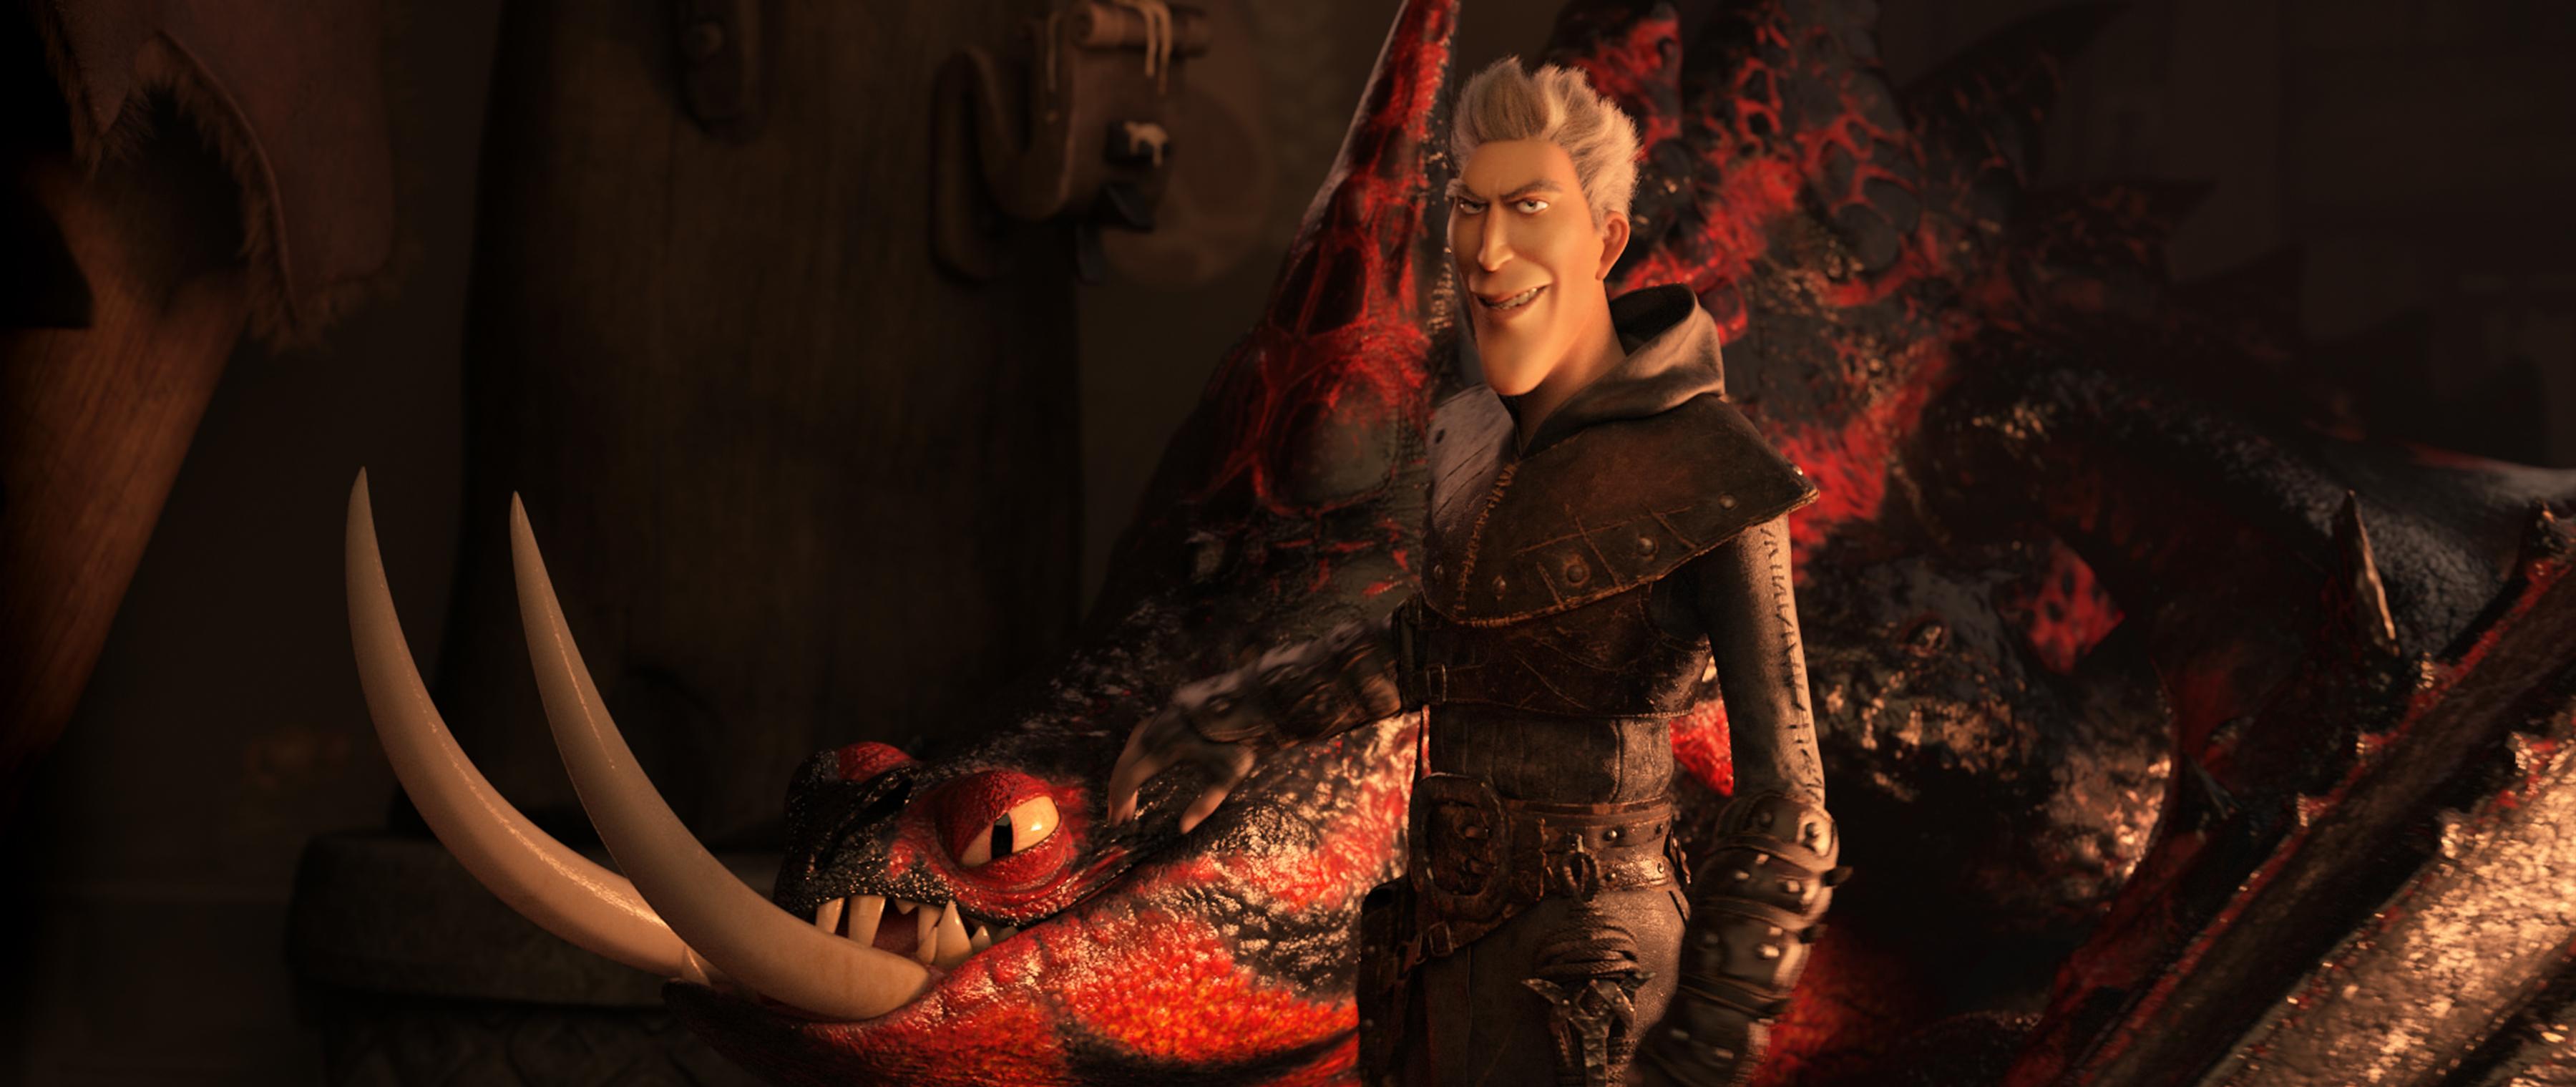 Фото из фильма Фильм - Как приручить дракона 3: Скрытый мир